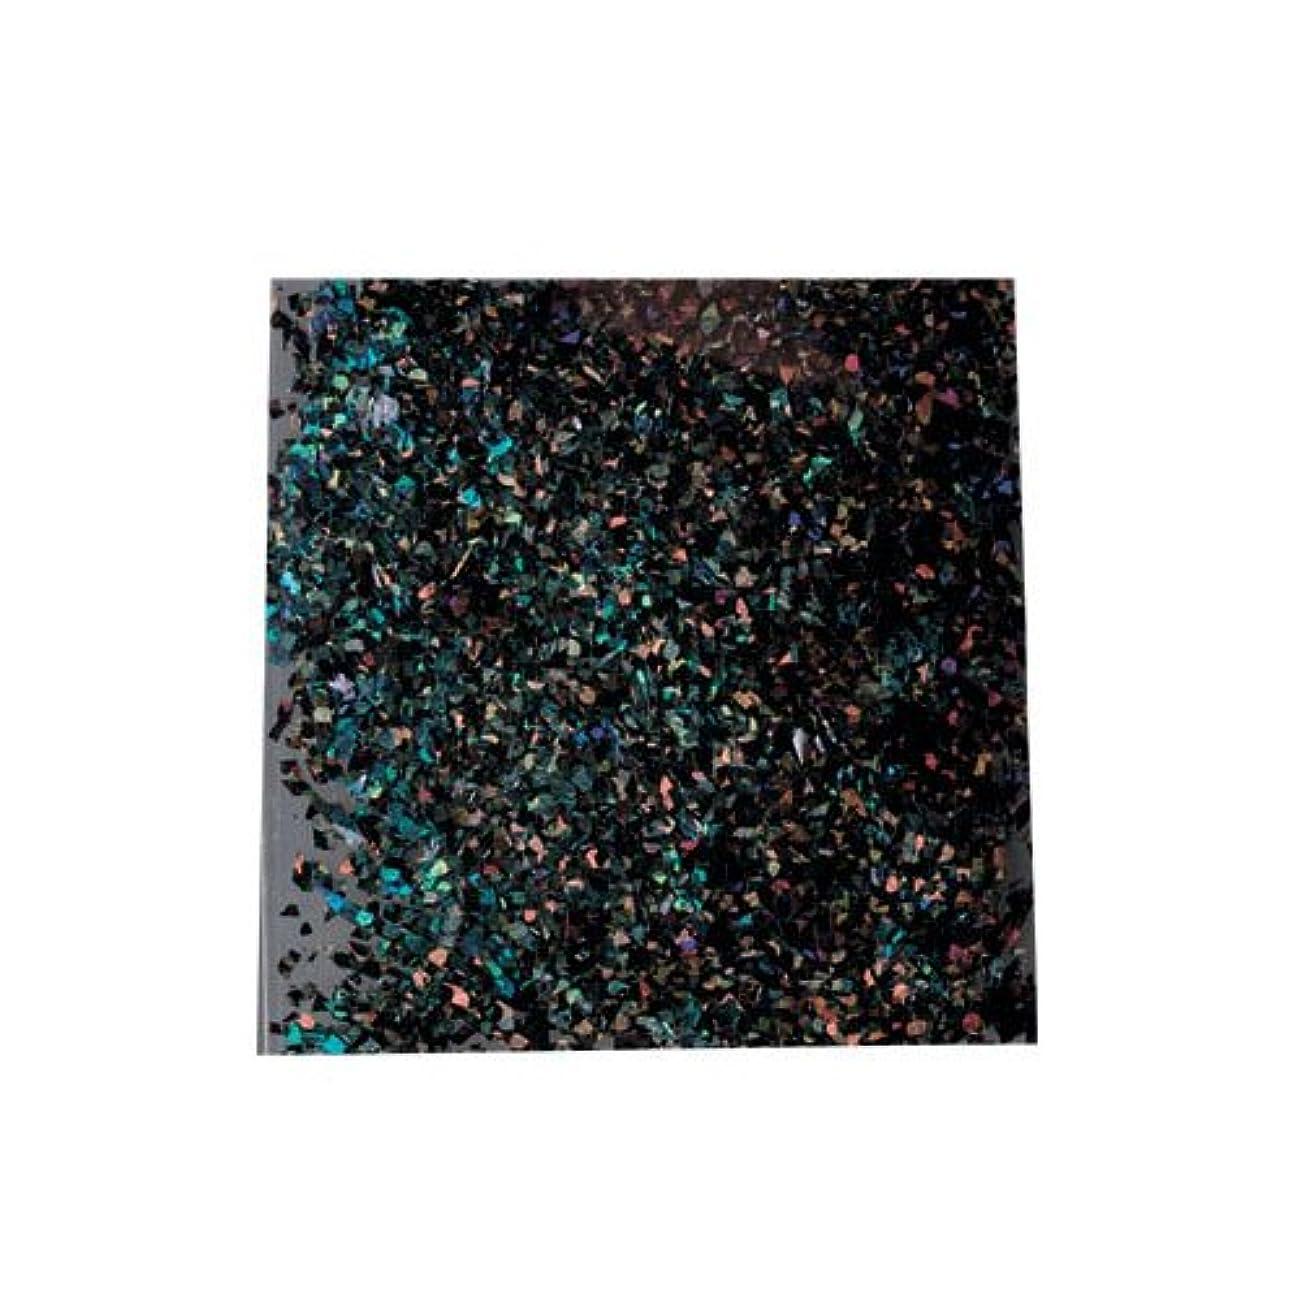 可能にする鎮痛剤衣類ピカエース 乱切ホロ #897 ブラック 0.5g アート材